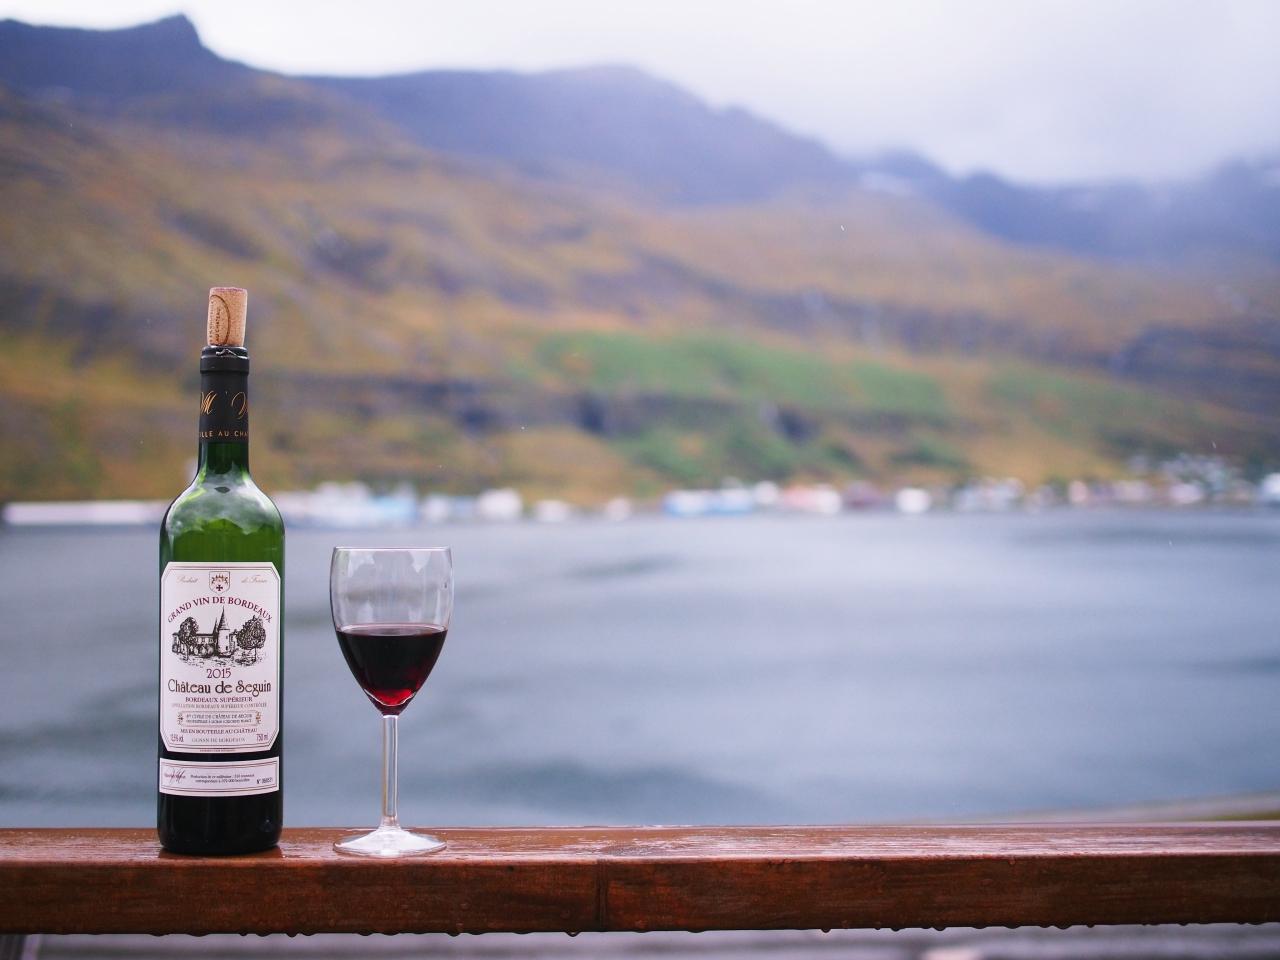 เที่ยวไปกินไปใน Iceland day 3; ทักทาย East Iceland ที่เมือง Egilsstaðir & Seyðisfjörður